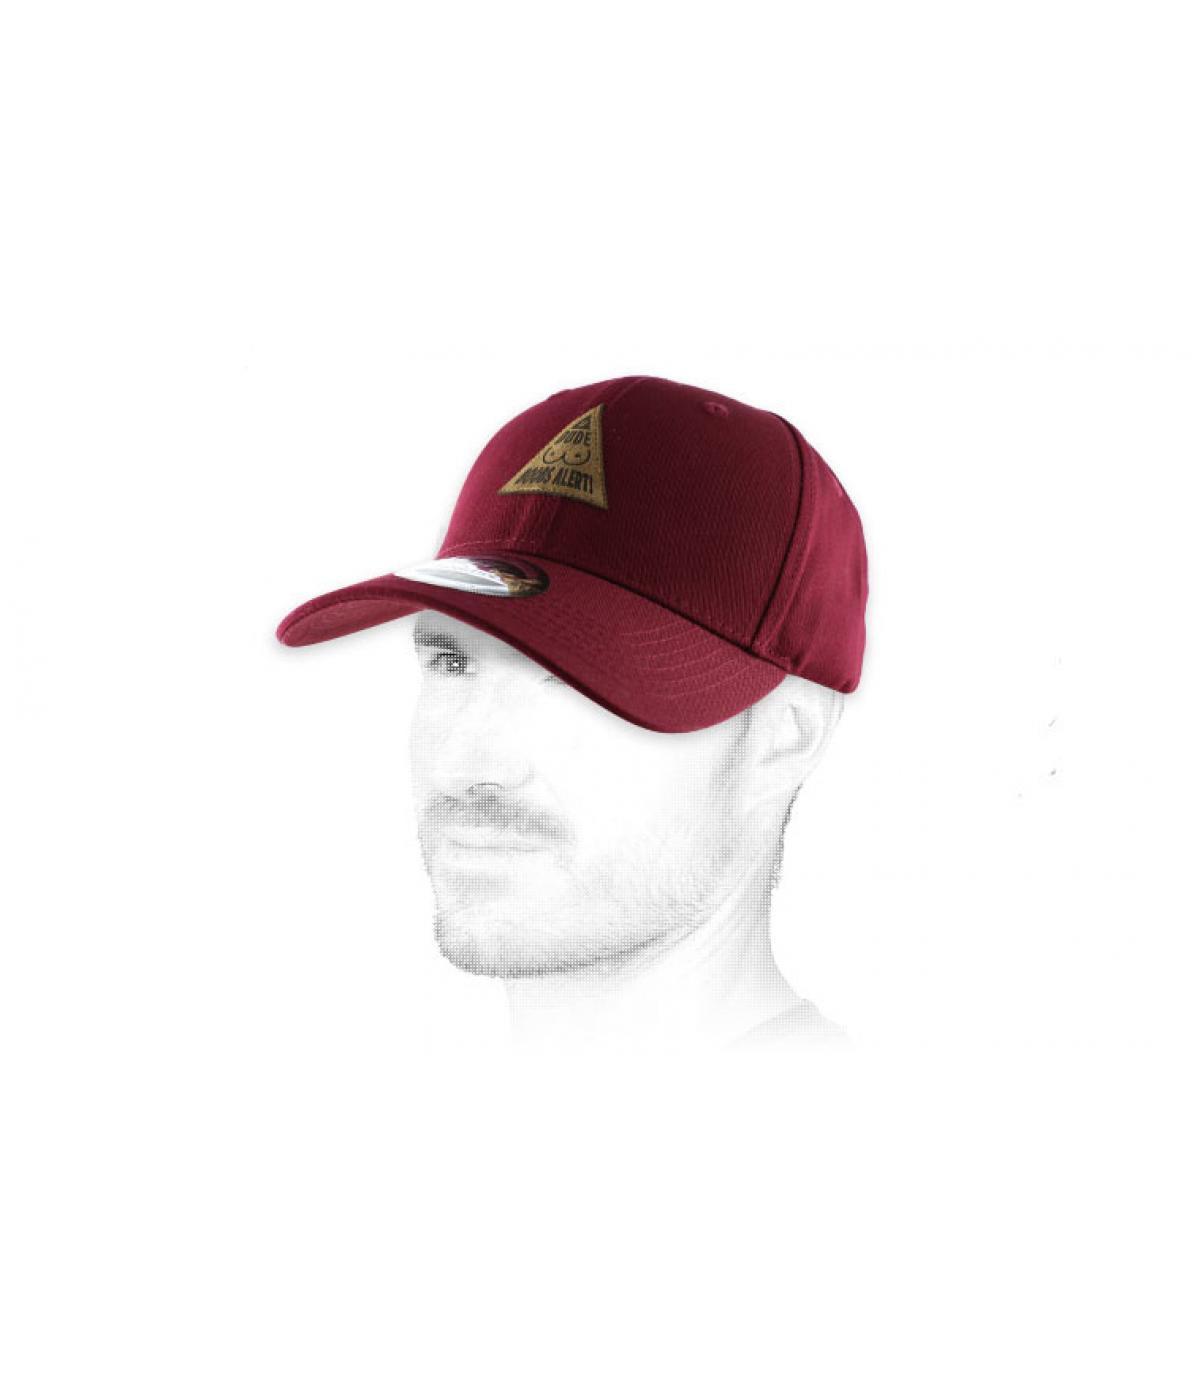 gorraa de color borgoña curva de tetas